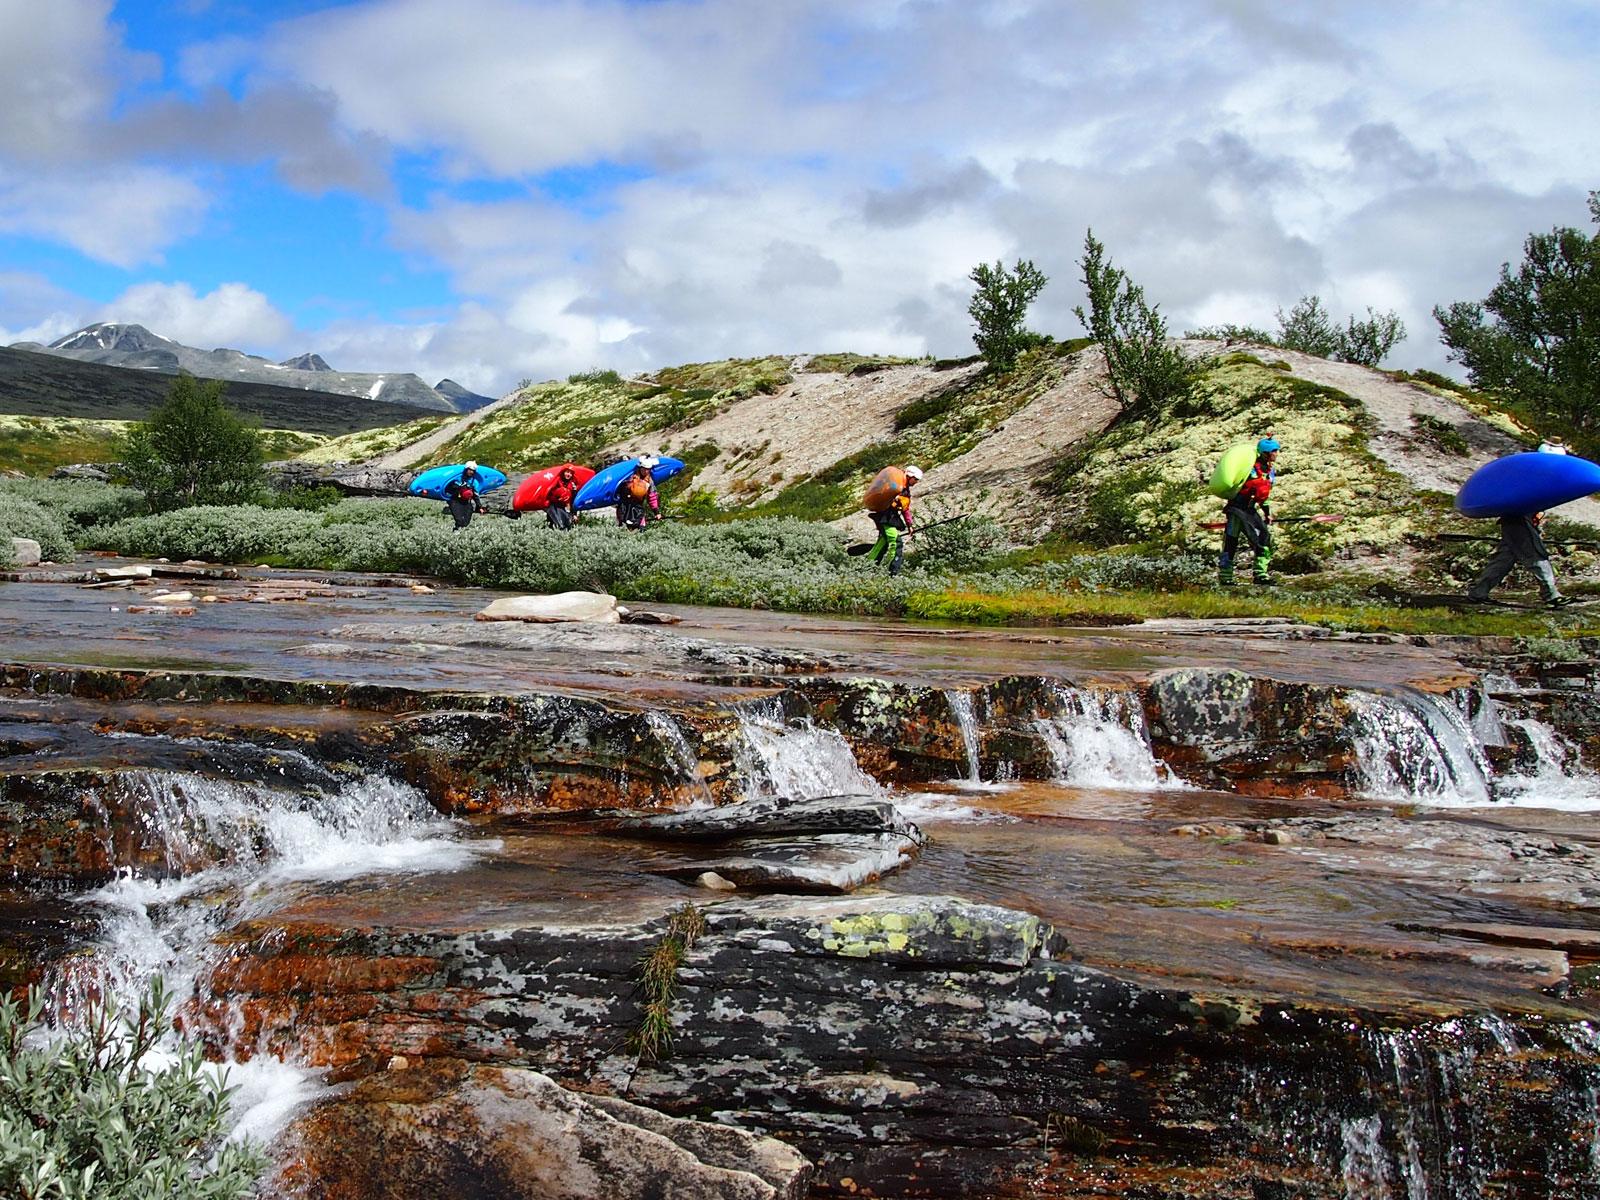 Wildwaterkajakken in het prachtige Noorwegen!